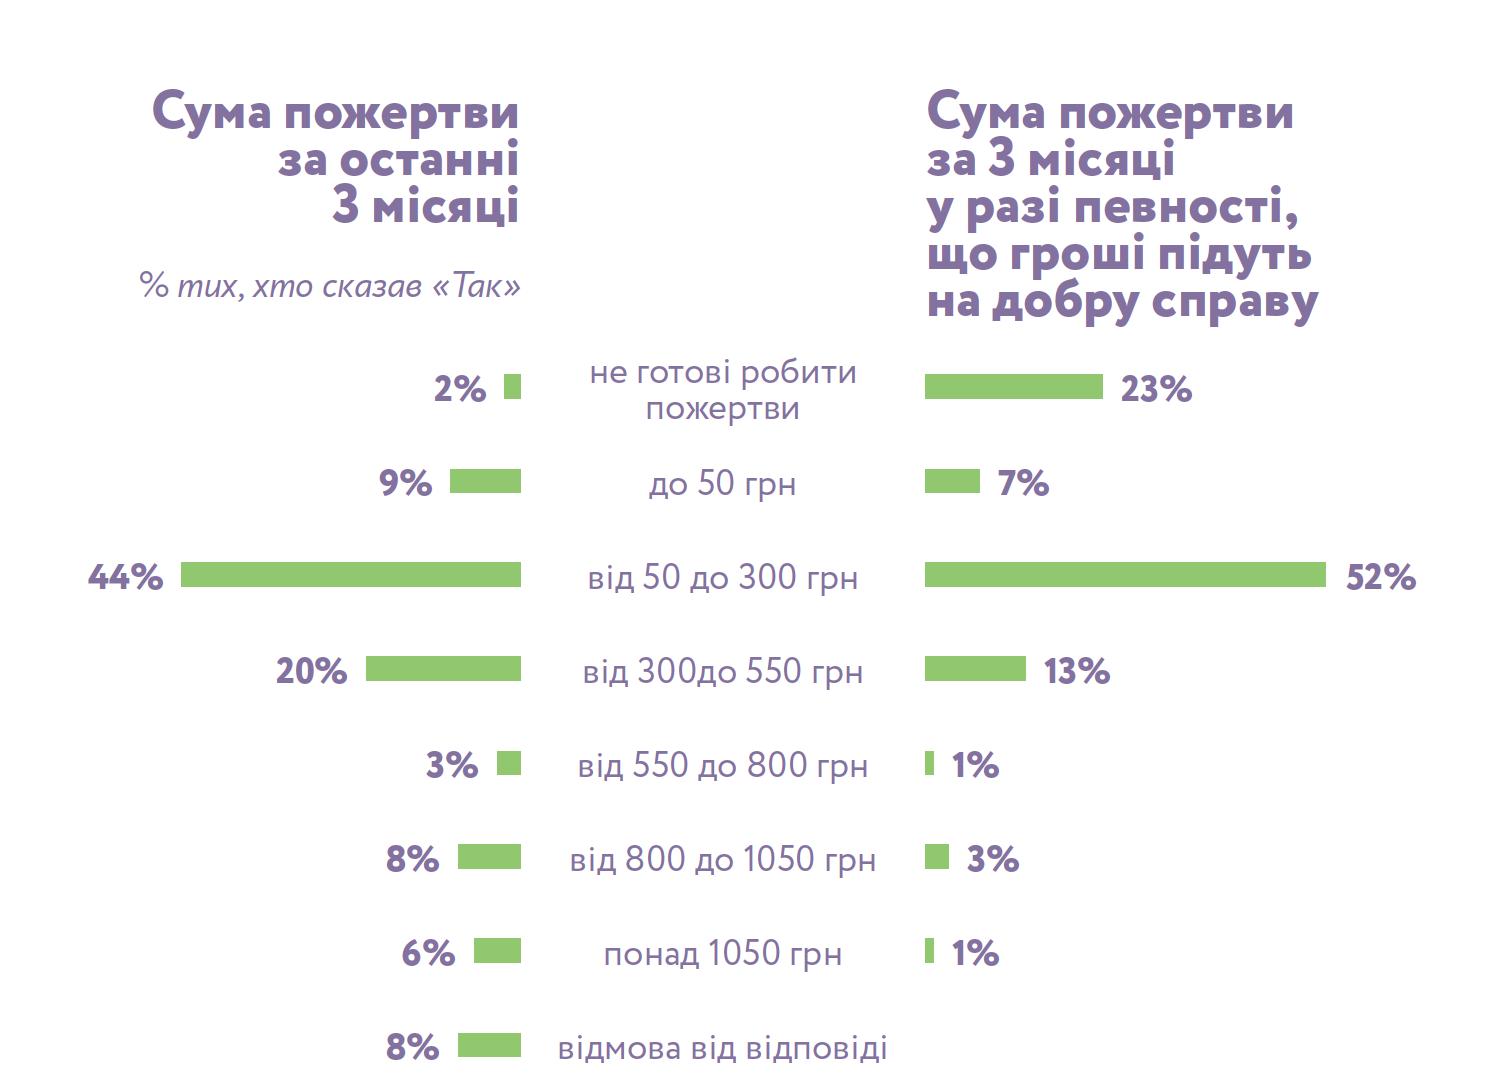 Правила благотворительности украинцев: каждый второй помогает, молодежь никому не верит